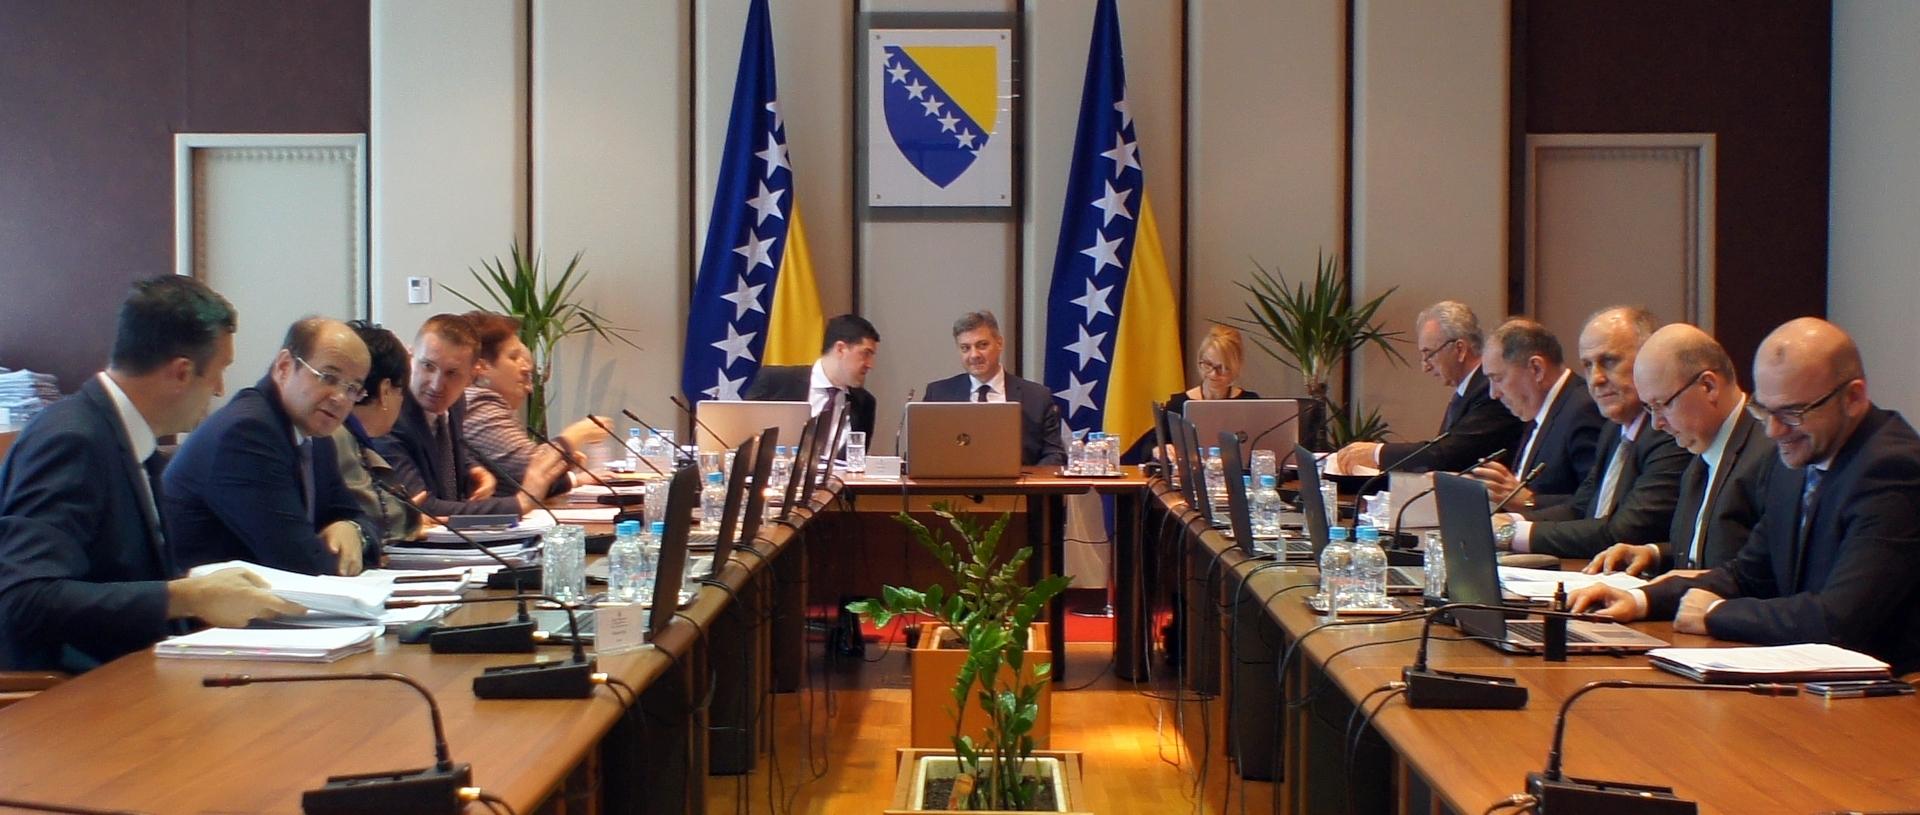 """Vijeća ministara Bosne i Hercegovine: Povučen """"kontroverzni"""" Nacrt zakona o krivičnom postupku"""